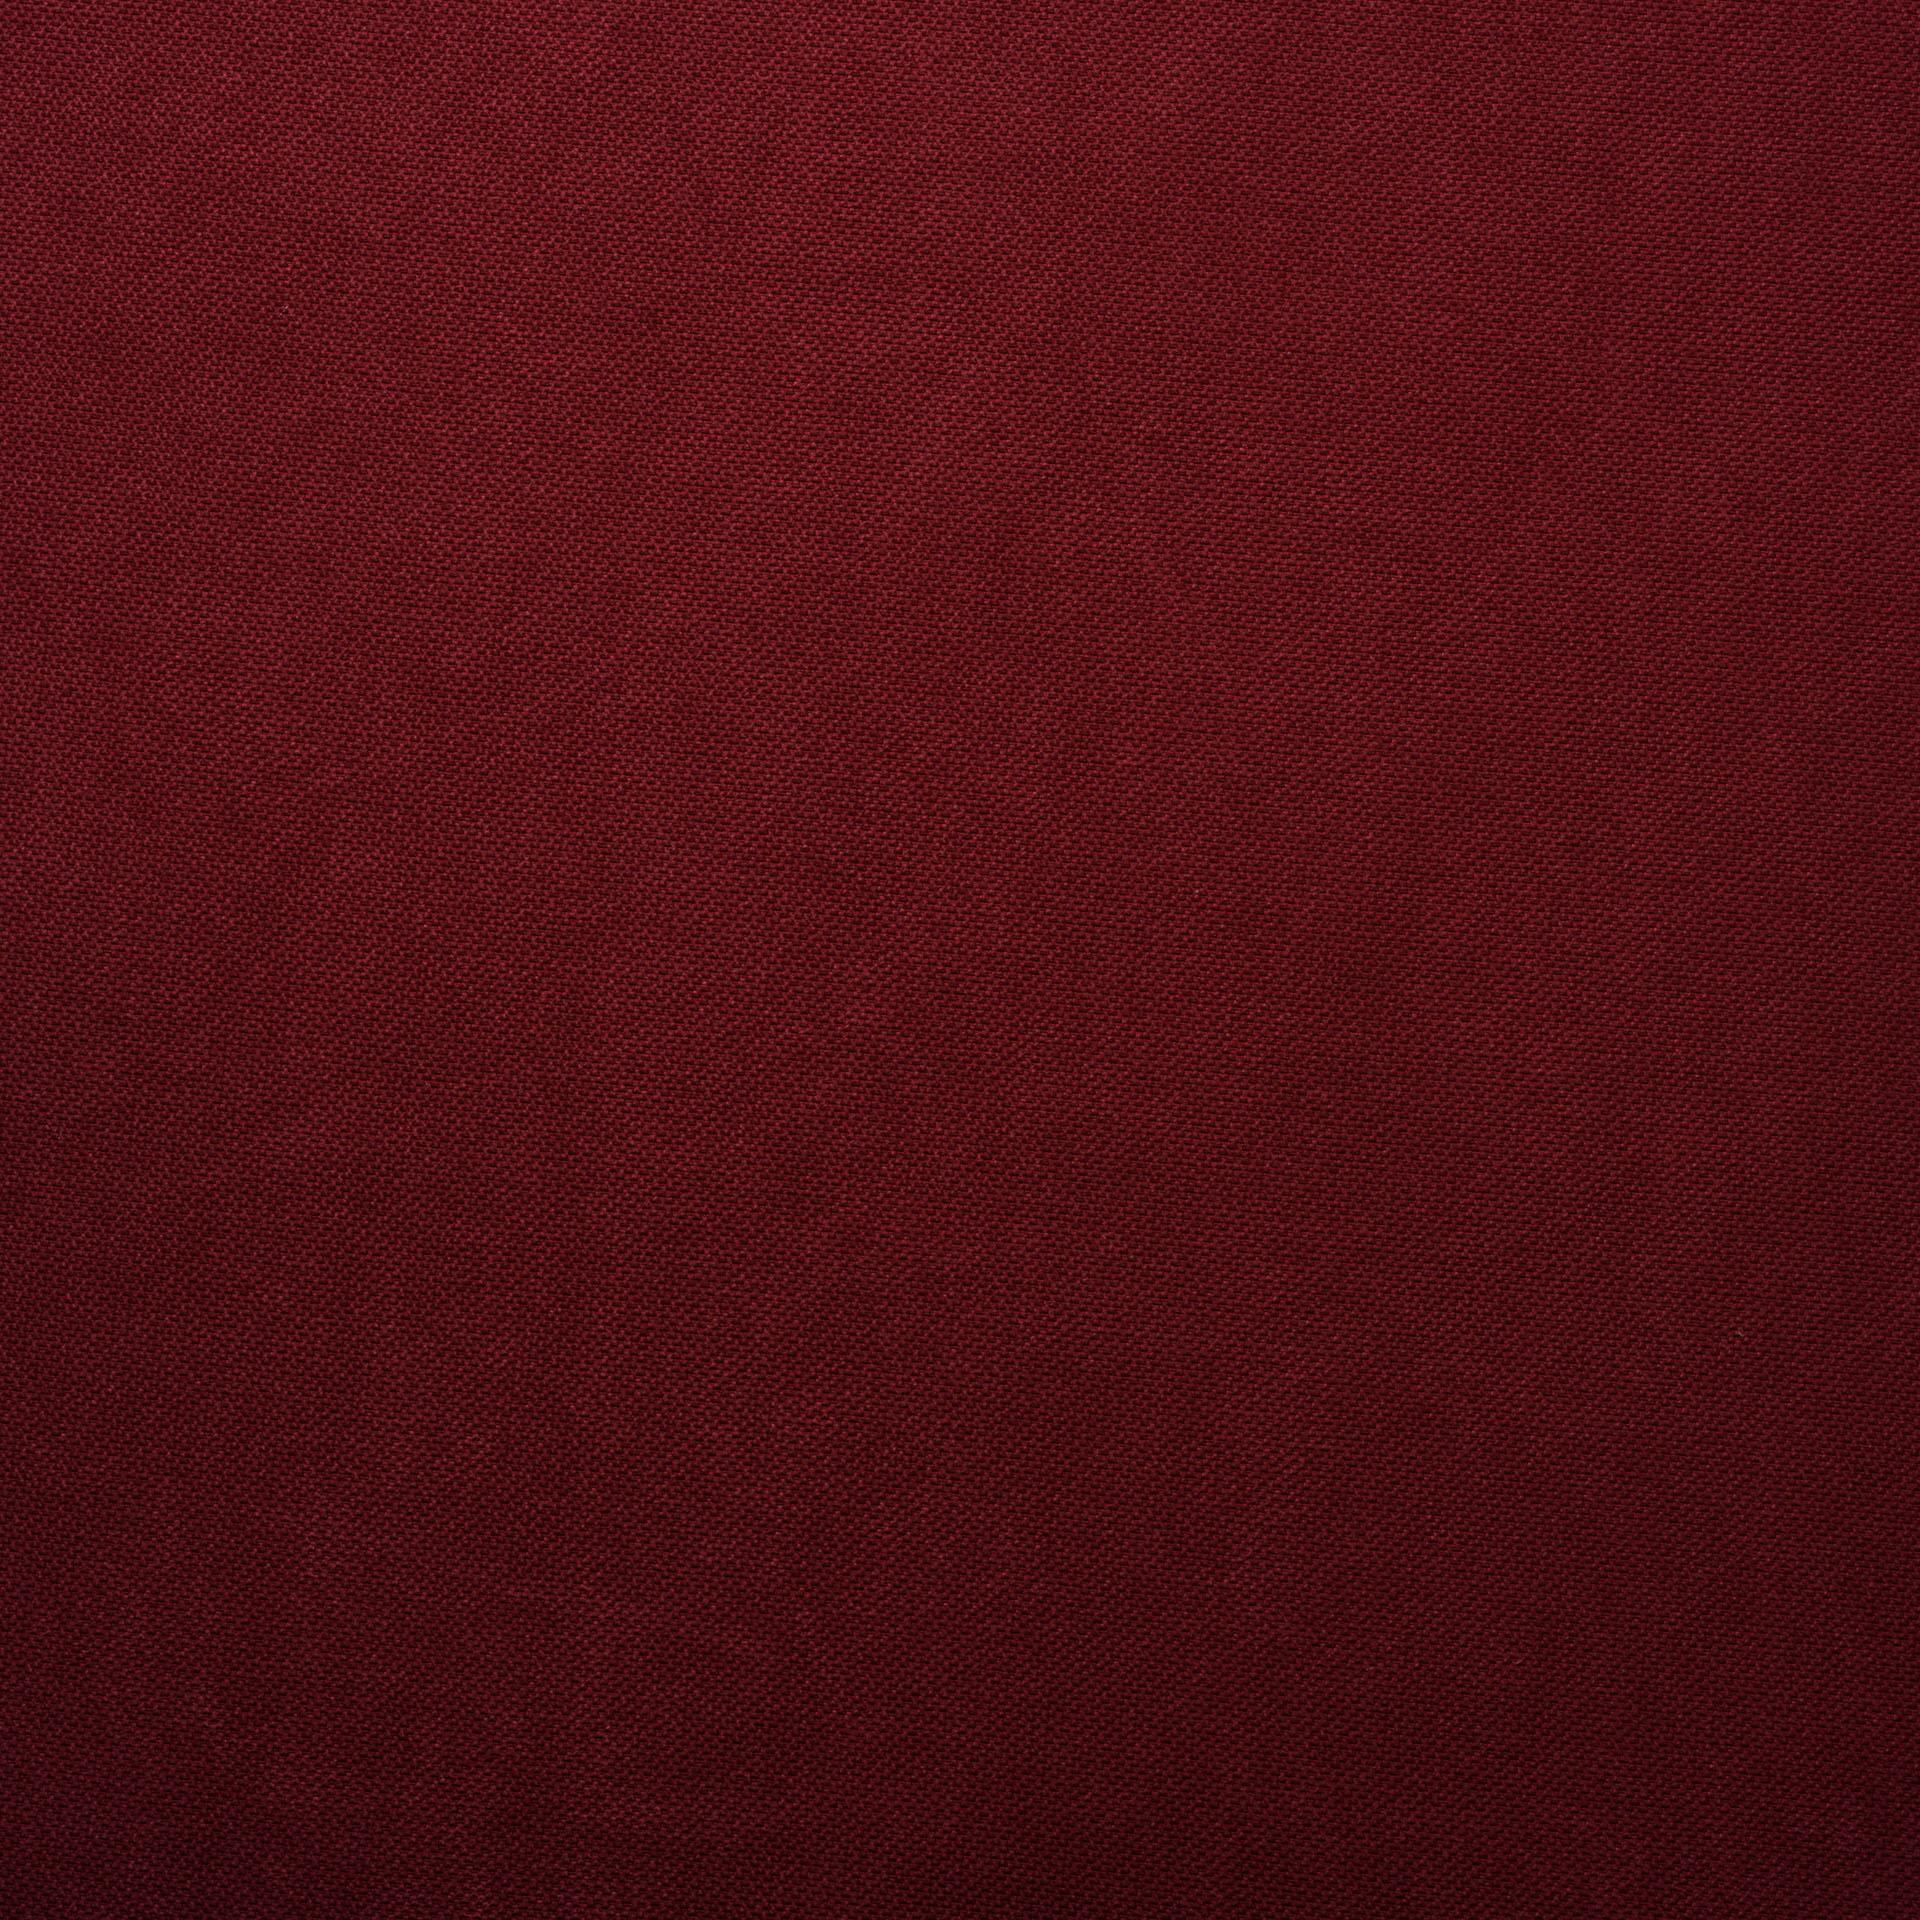 Коллекция ткани Стэнли 13 MARSALA,  купить ткань Жаккард для мебели Украина